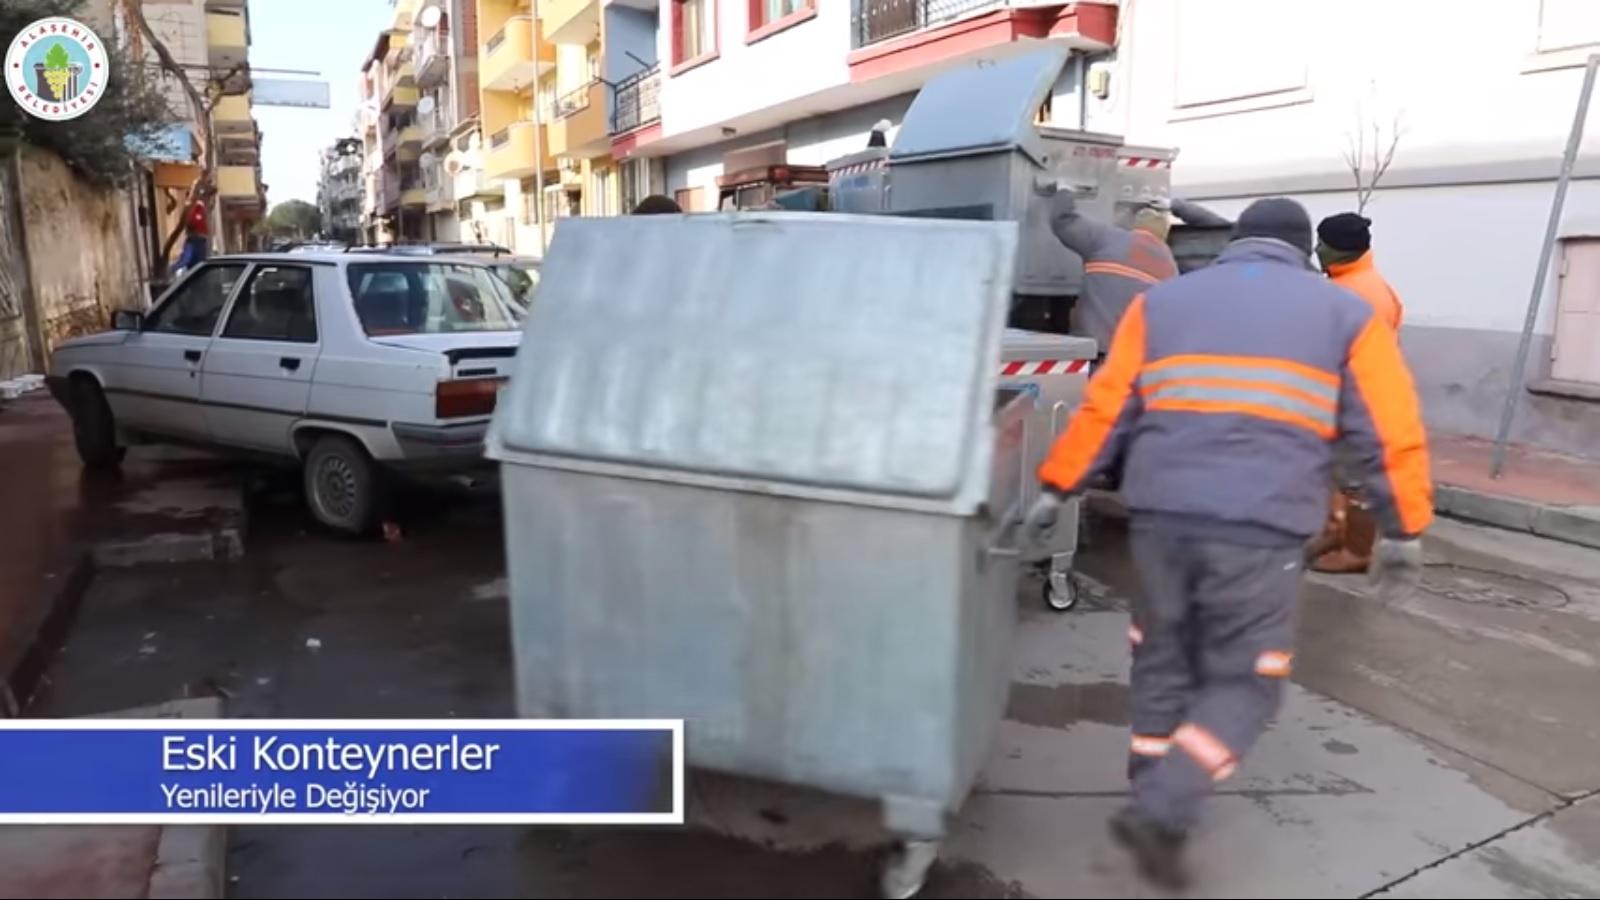 Temizlik işleri personellerimiz ilk etapta şehir merkezindeki konteynerleri yenileriyle değiştiriyor